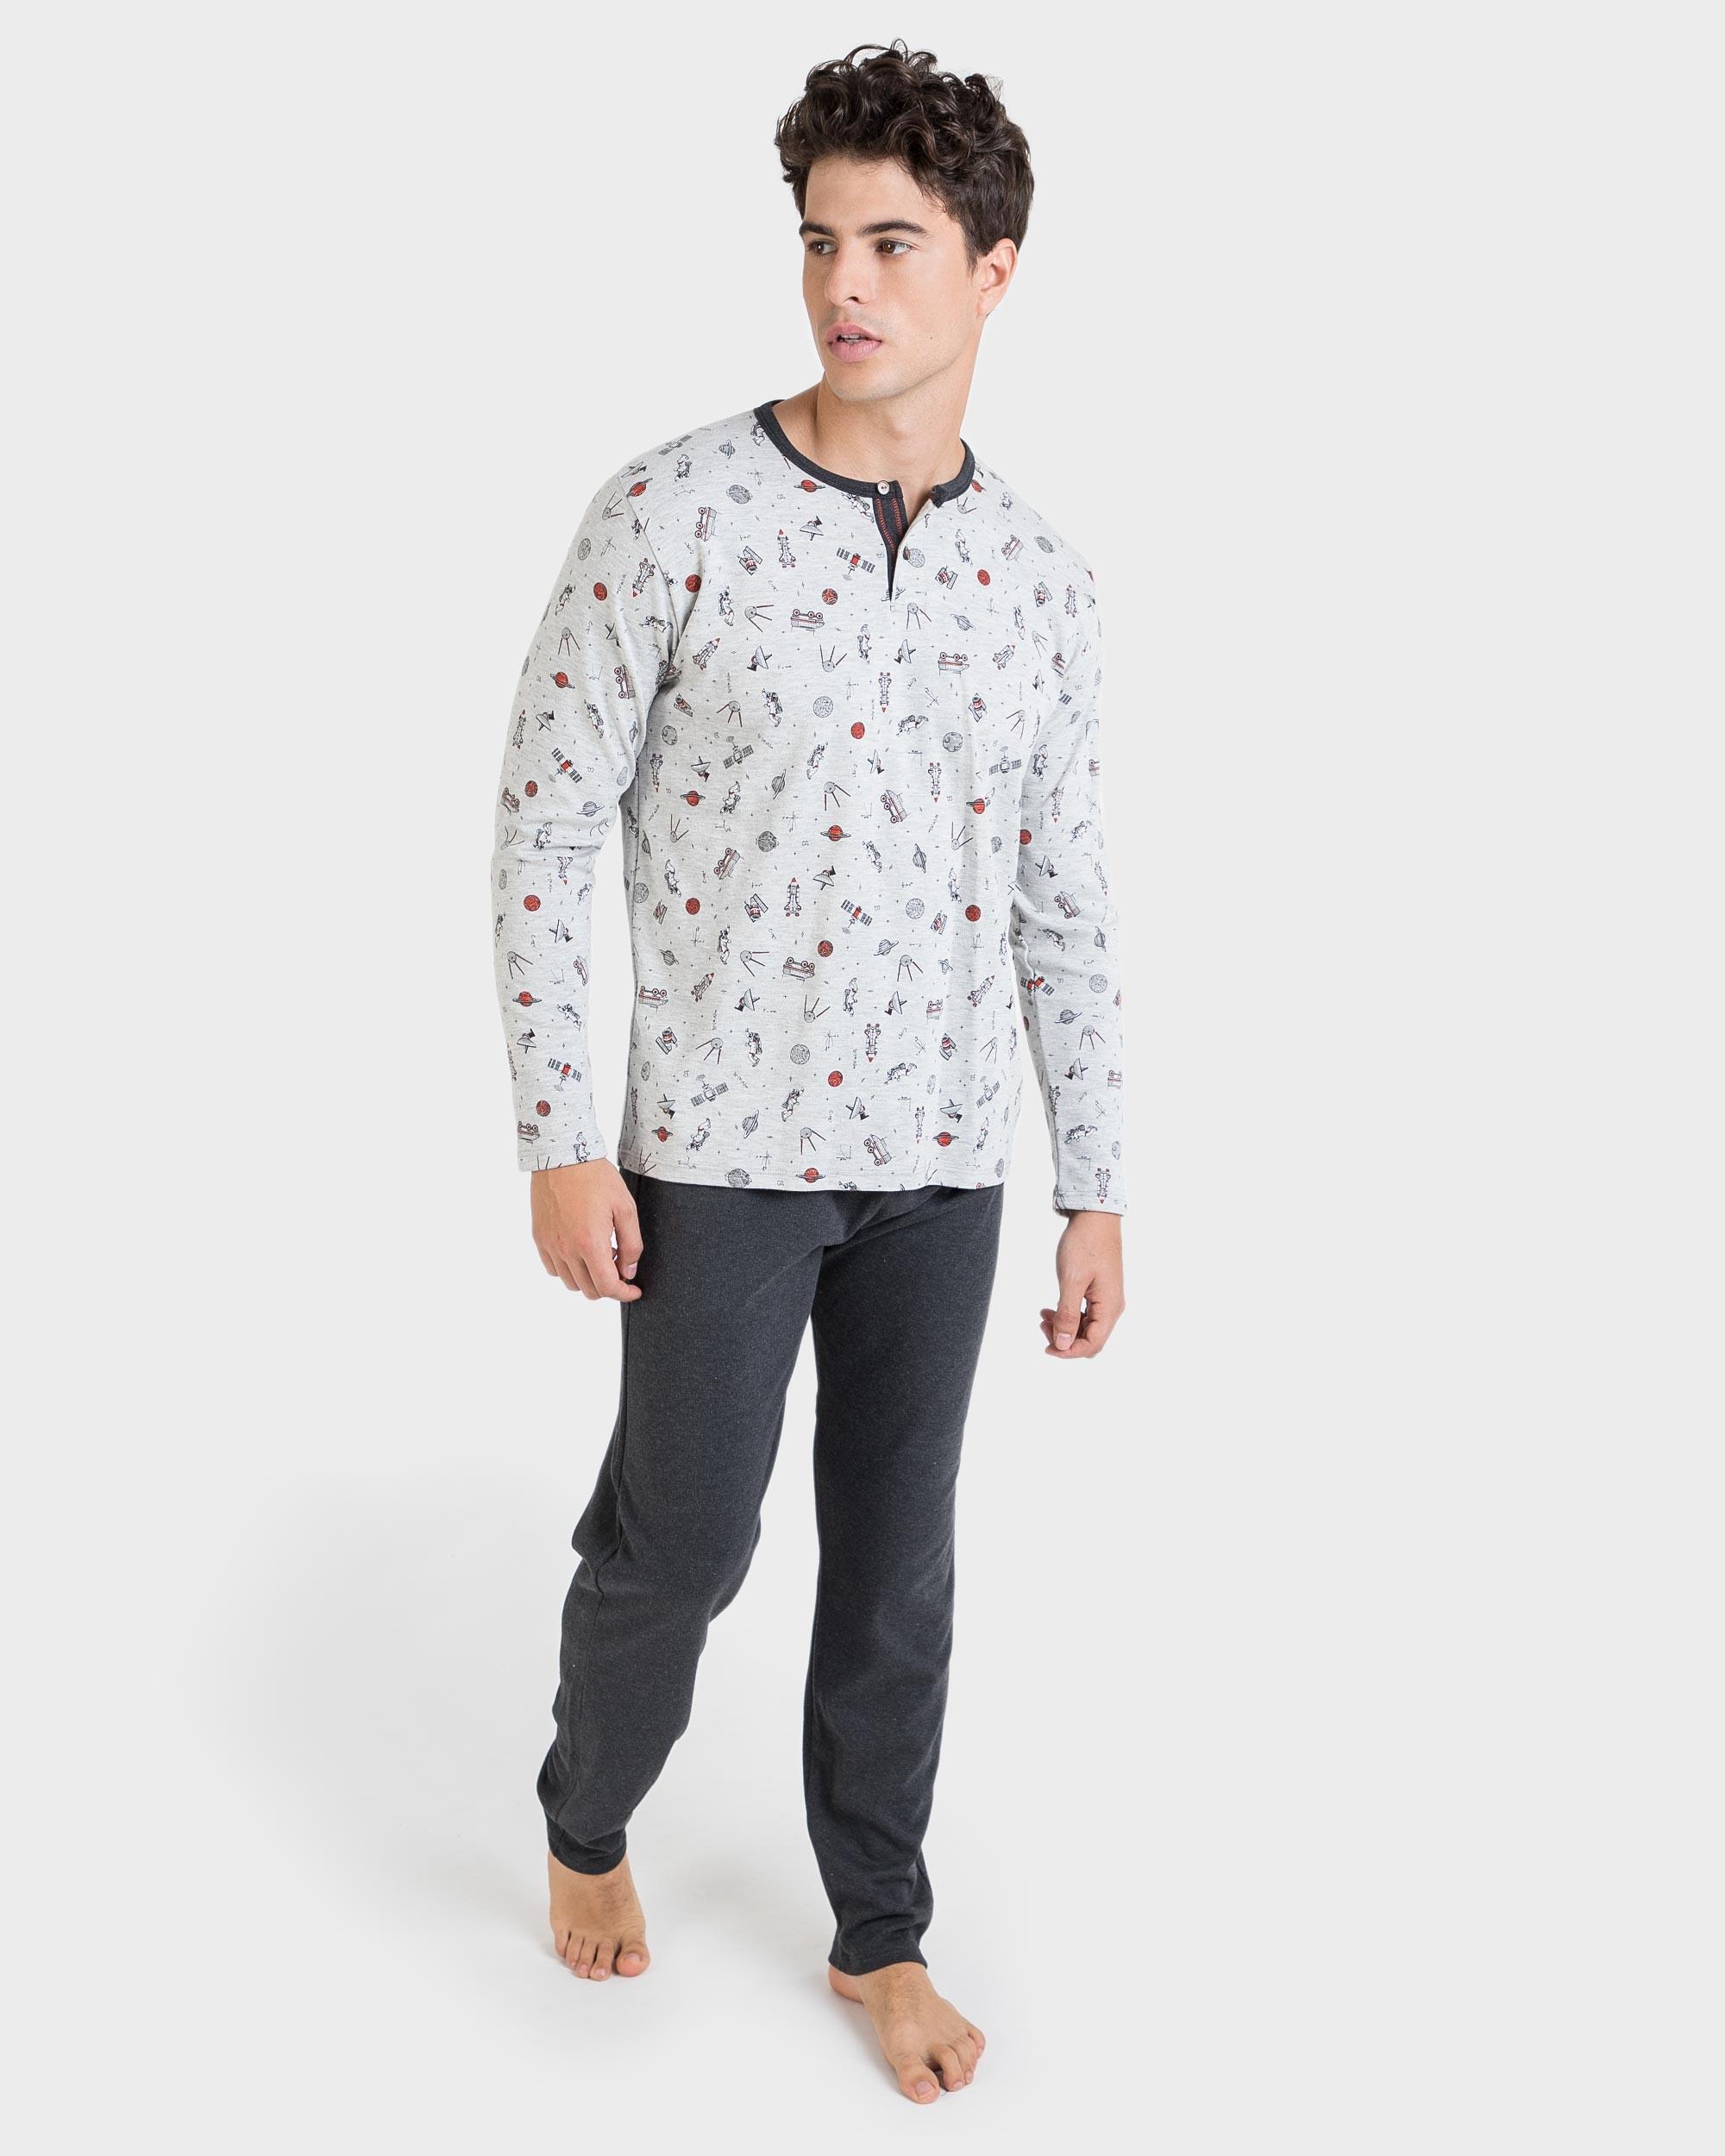 Massana Pijama de Hombre Estampado m//c P201310